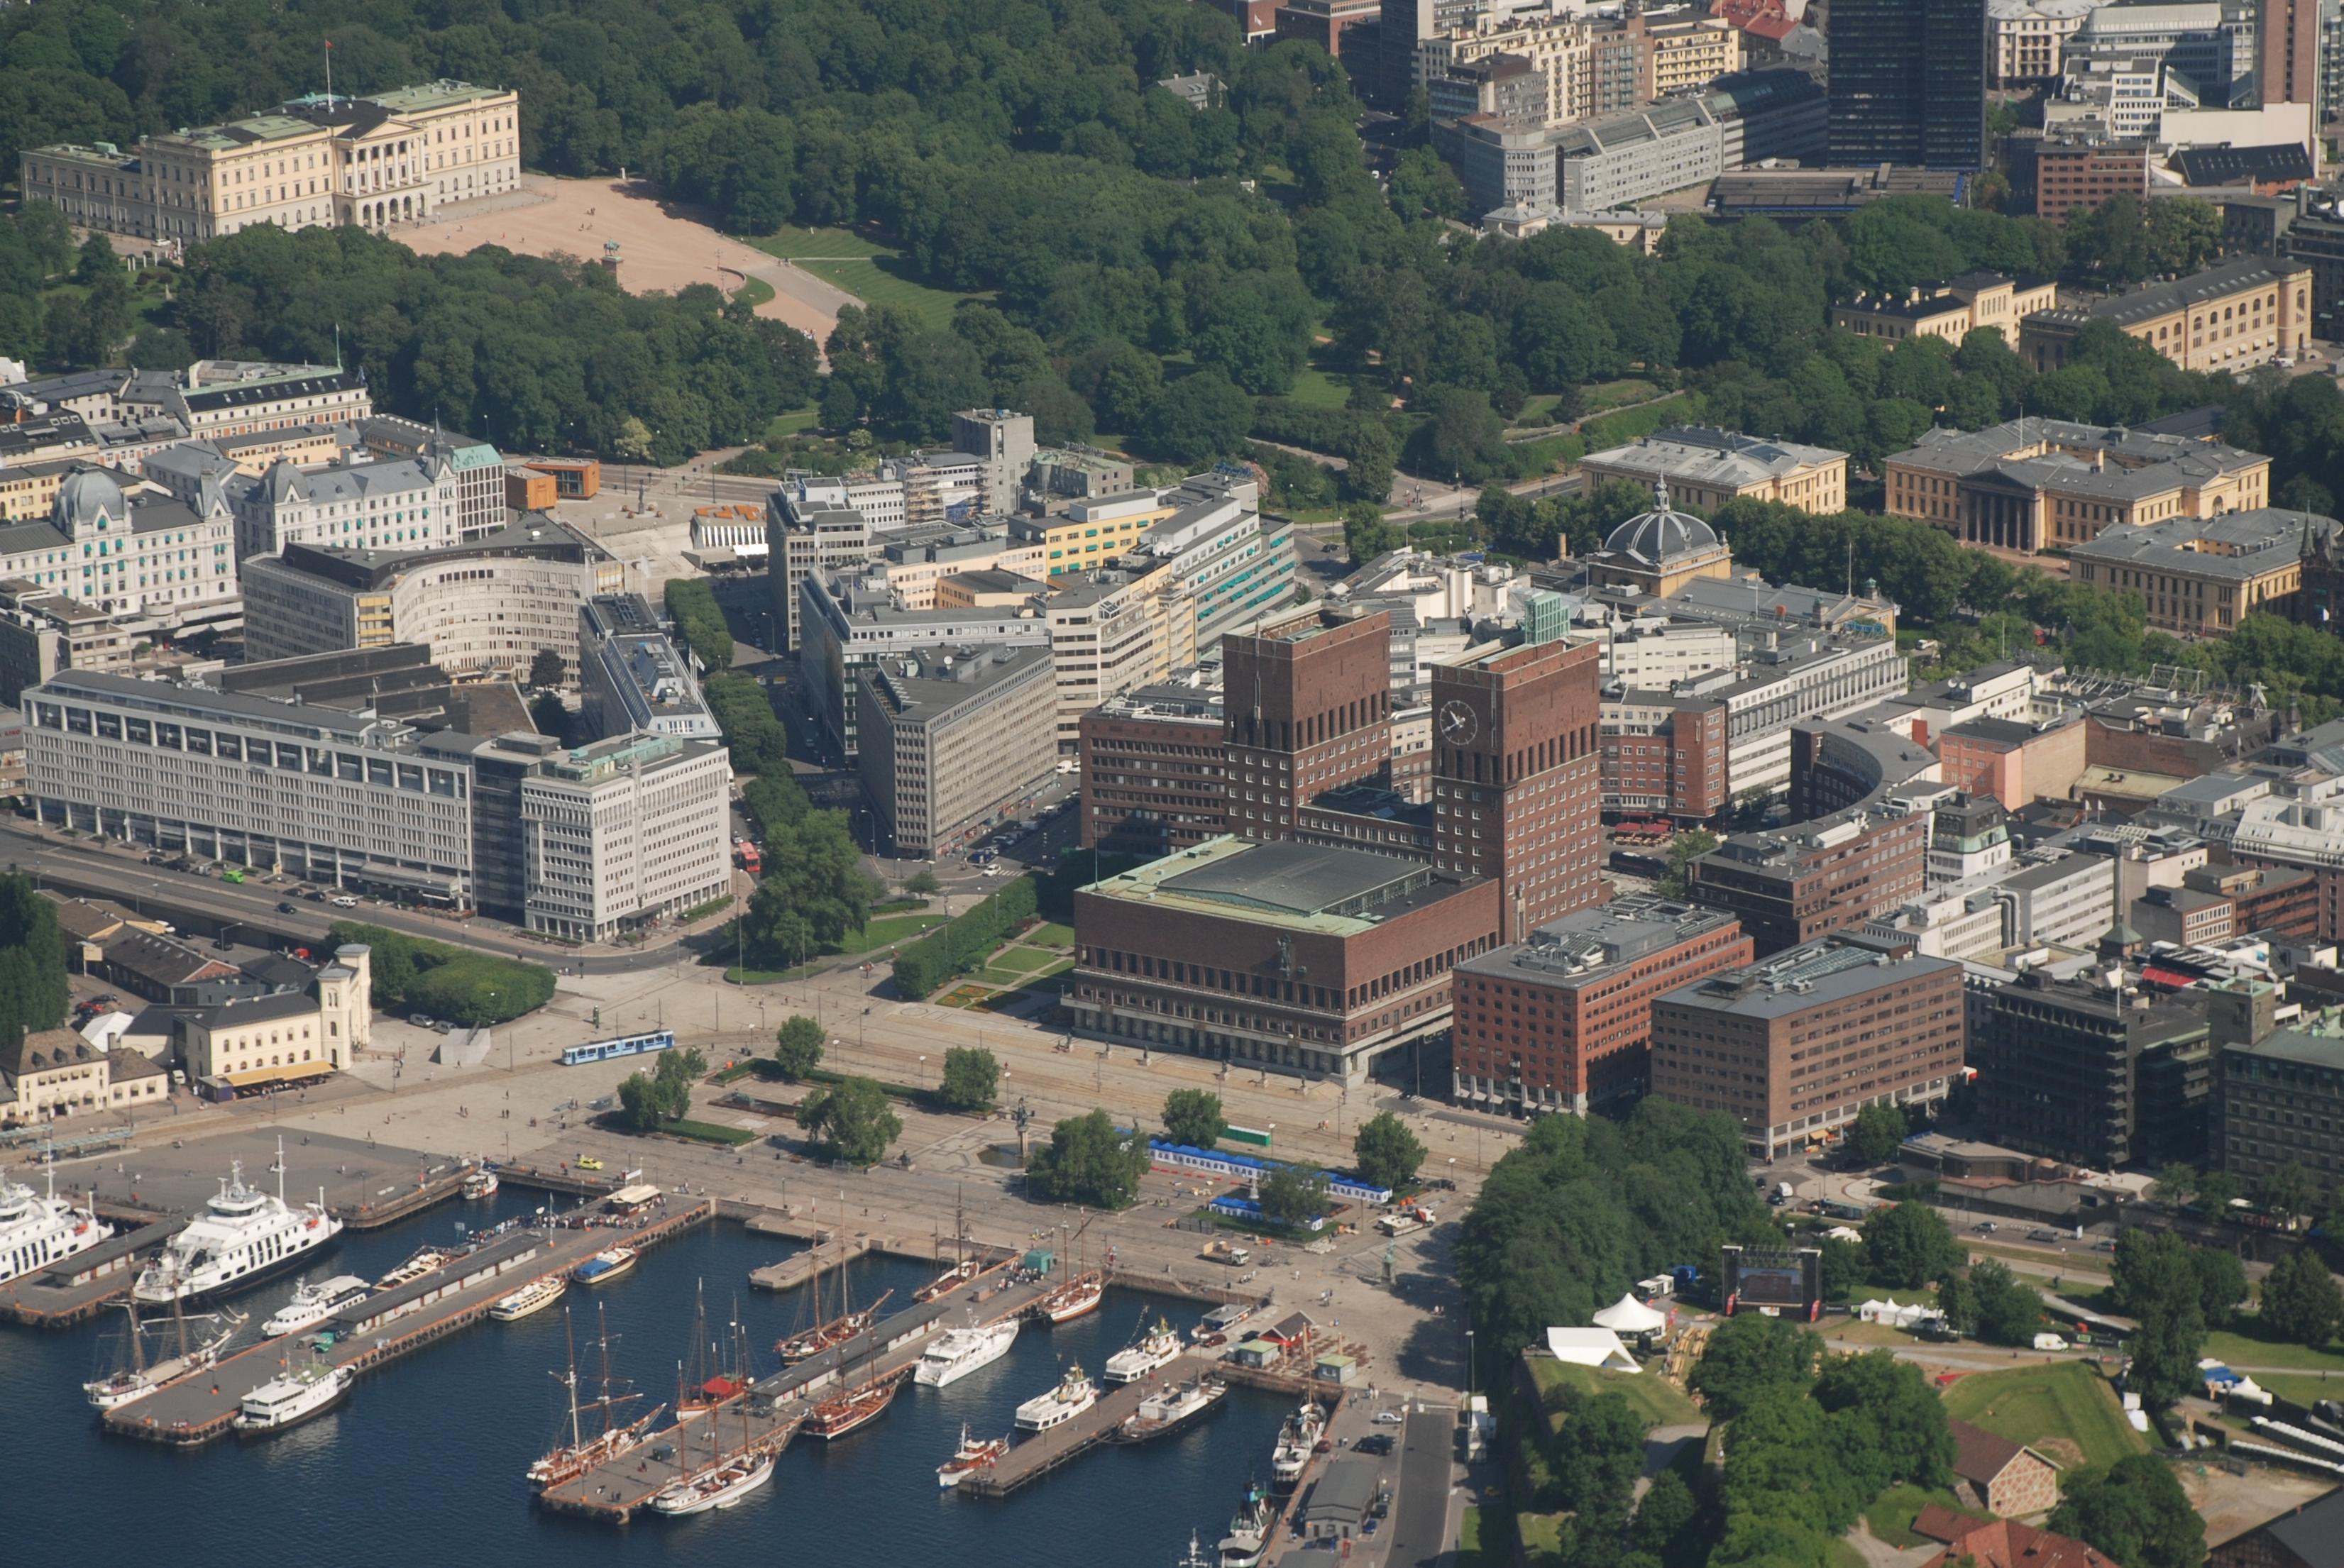 تفصیل Vika, Oslo. from air.jpg